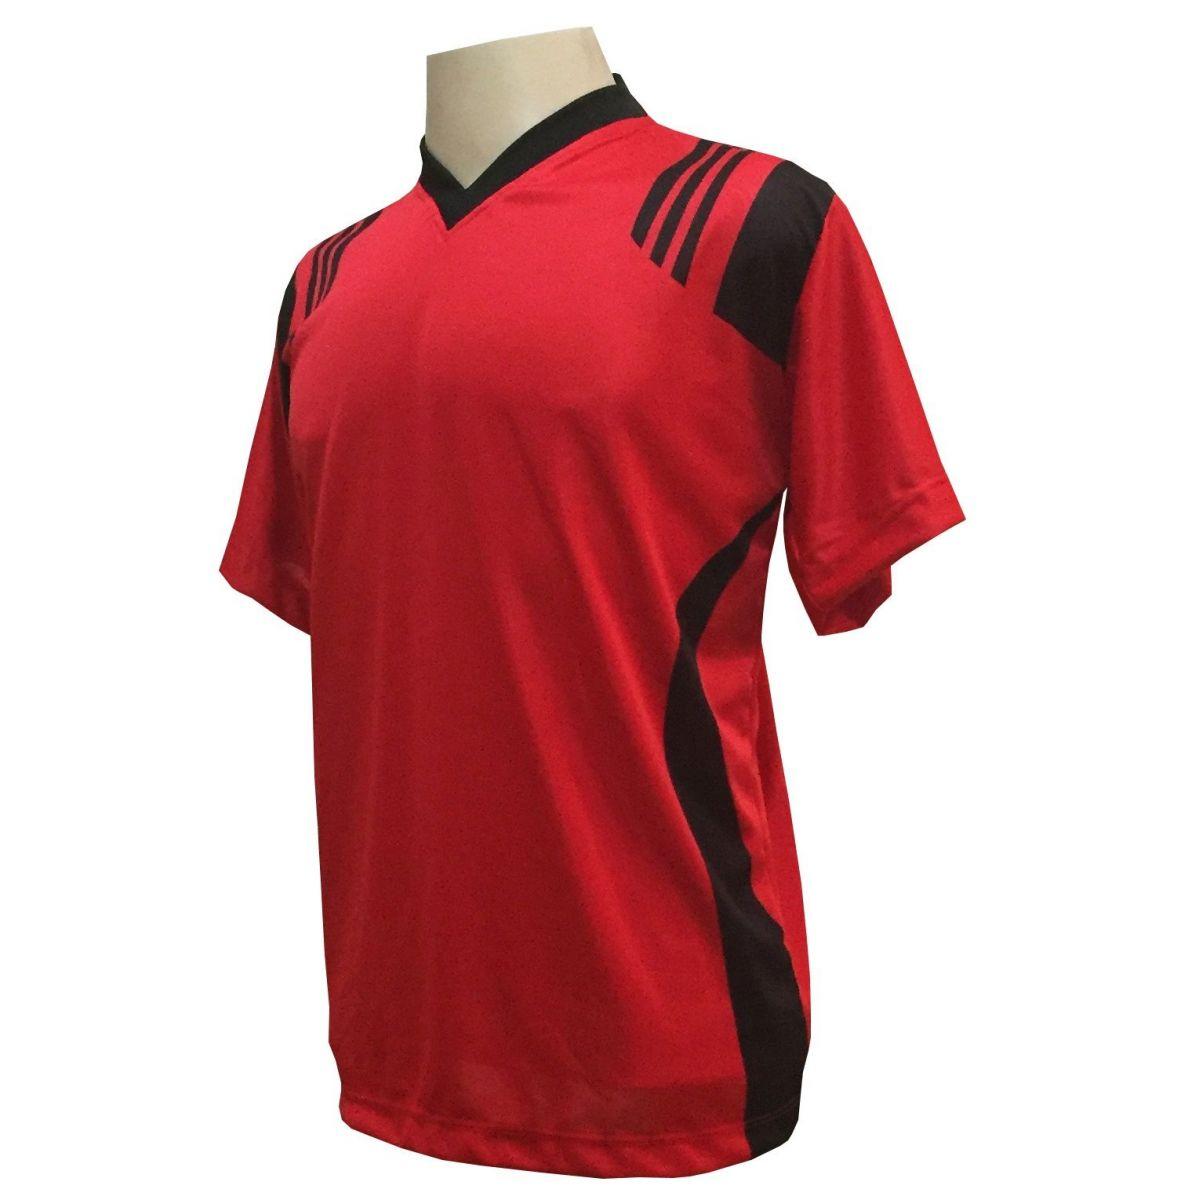 Uniforme Esportivo com 12 camisas modelo Roma Vermelho/Preto + 12 calções modelo Copa Preto/Vermelho + Brindes